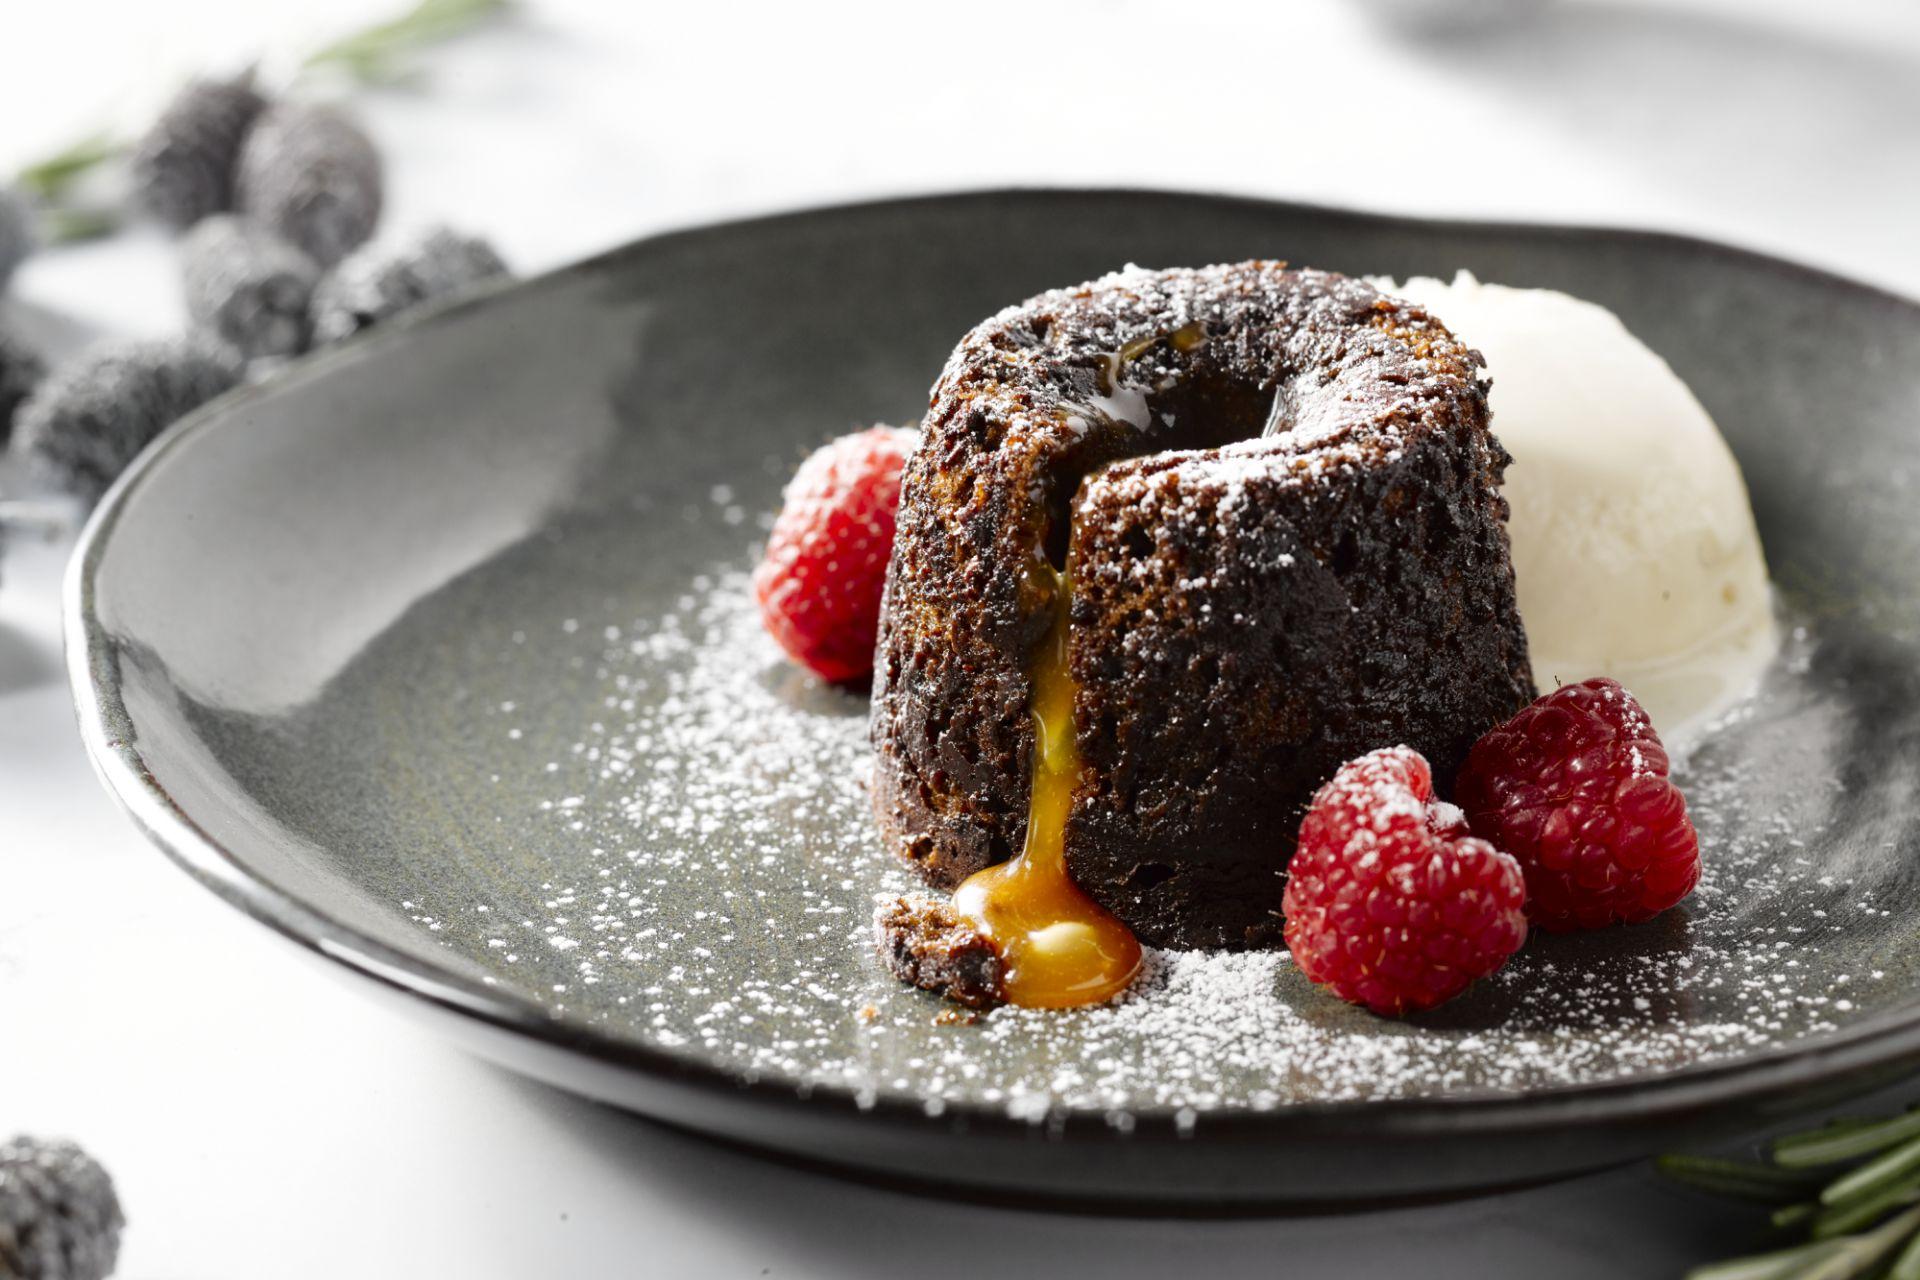 7393_chocolade-moelleux-met-gezouten-karamel_1479129067-1920x1280